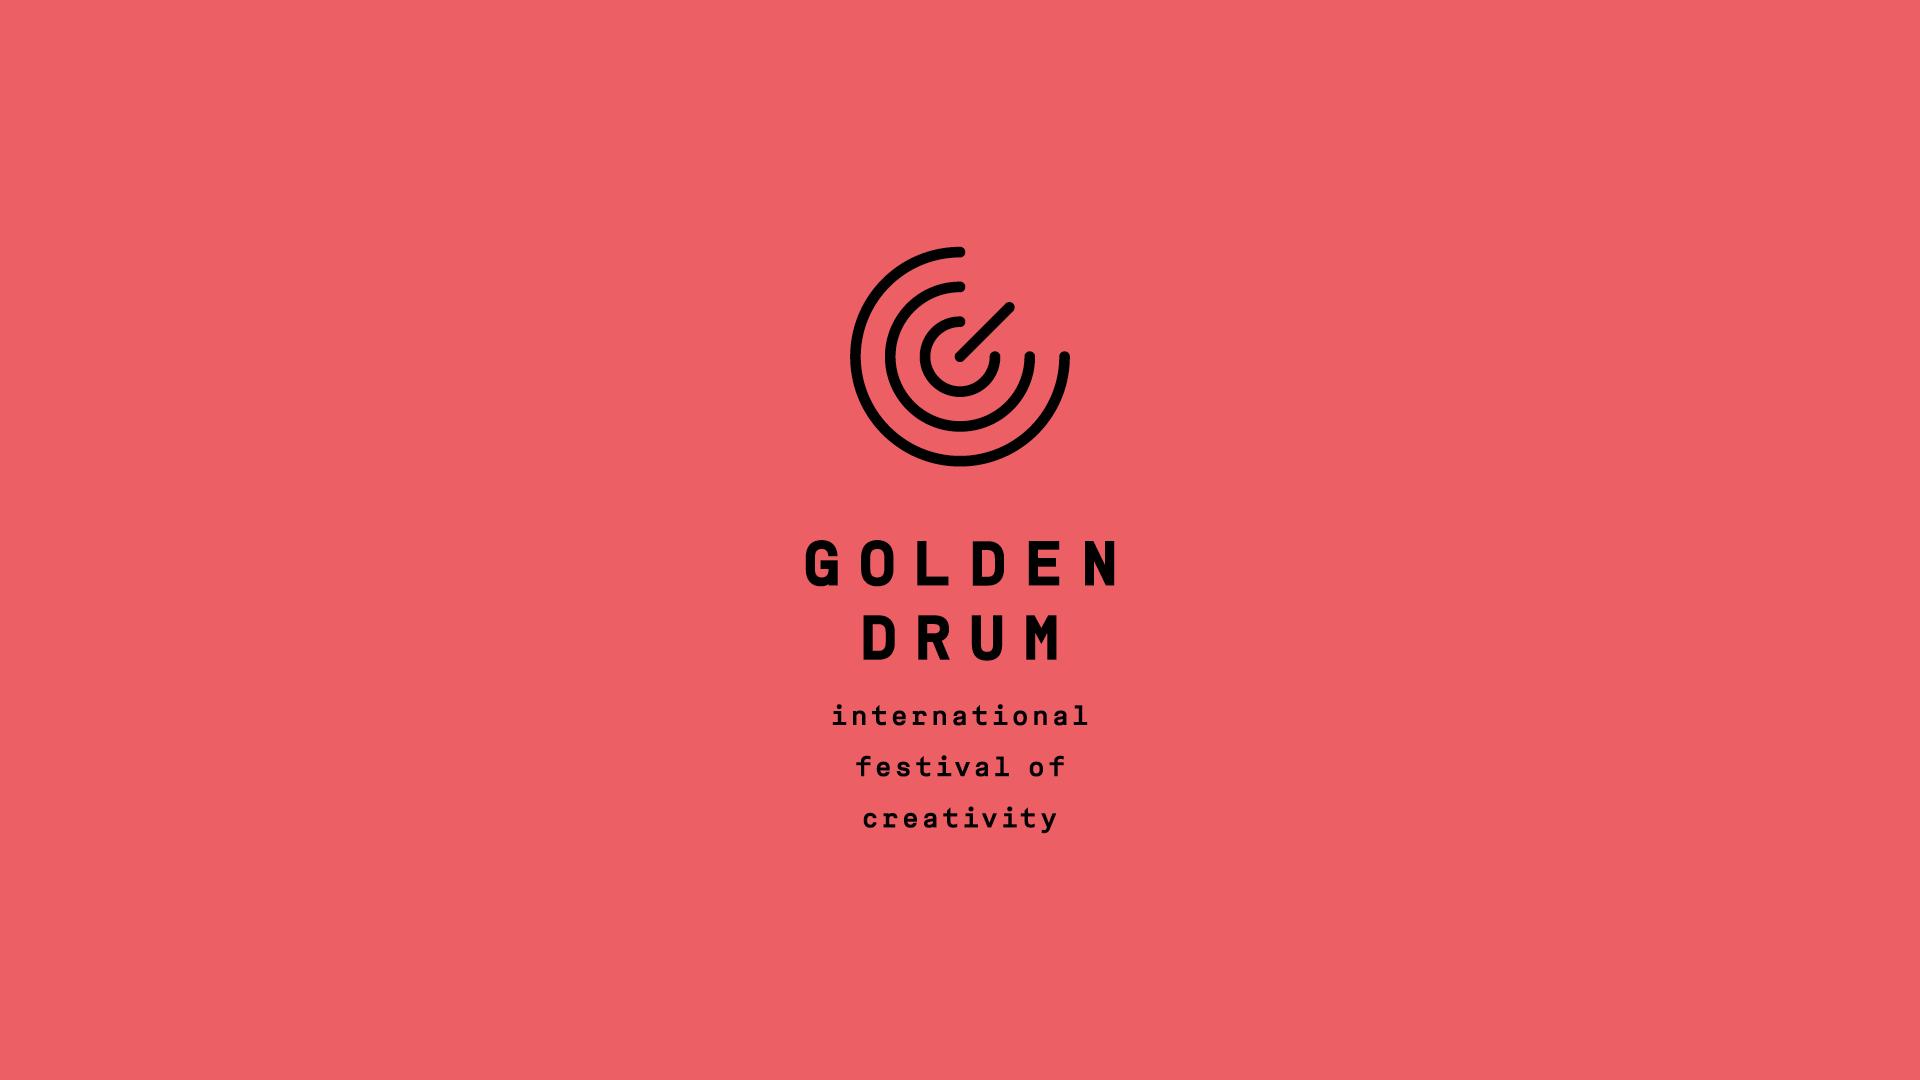 25. Zlati boben